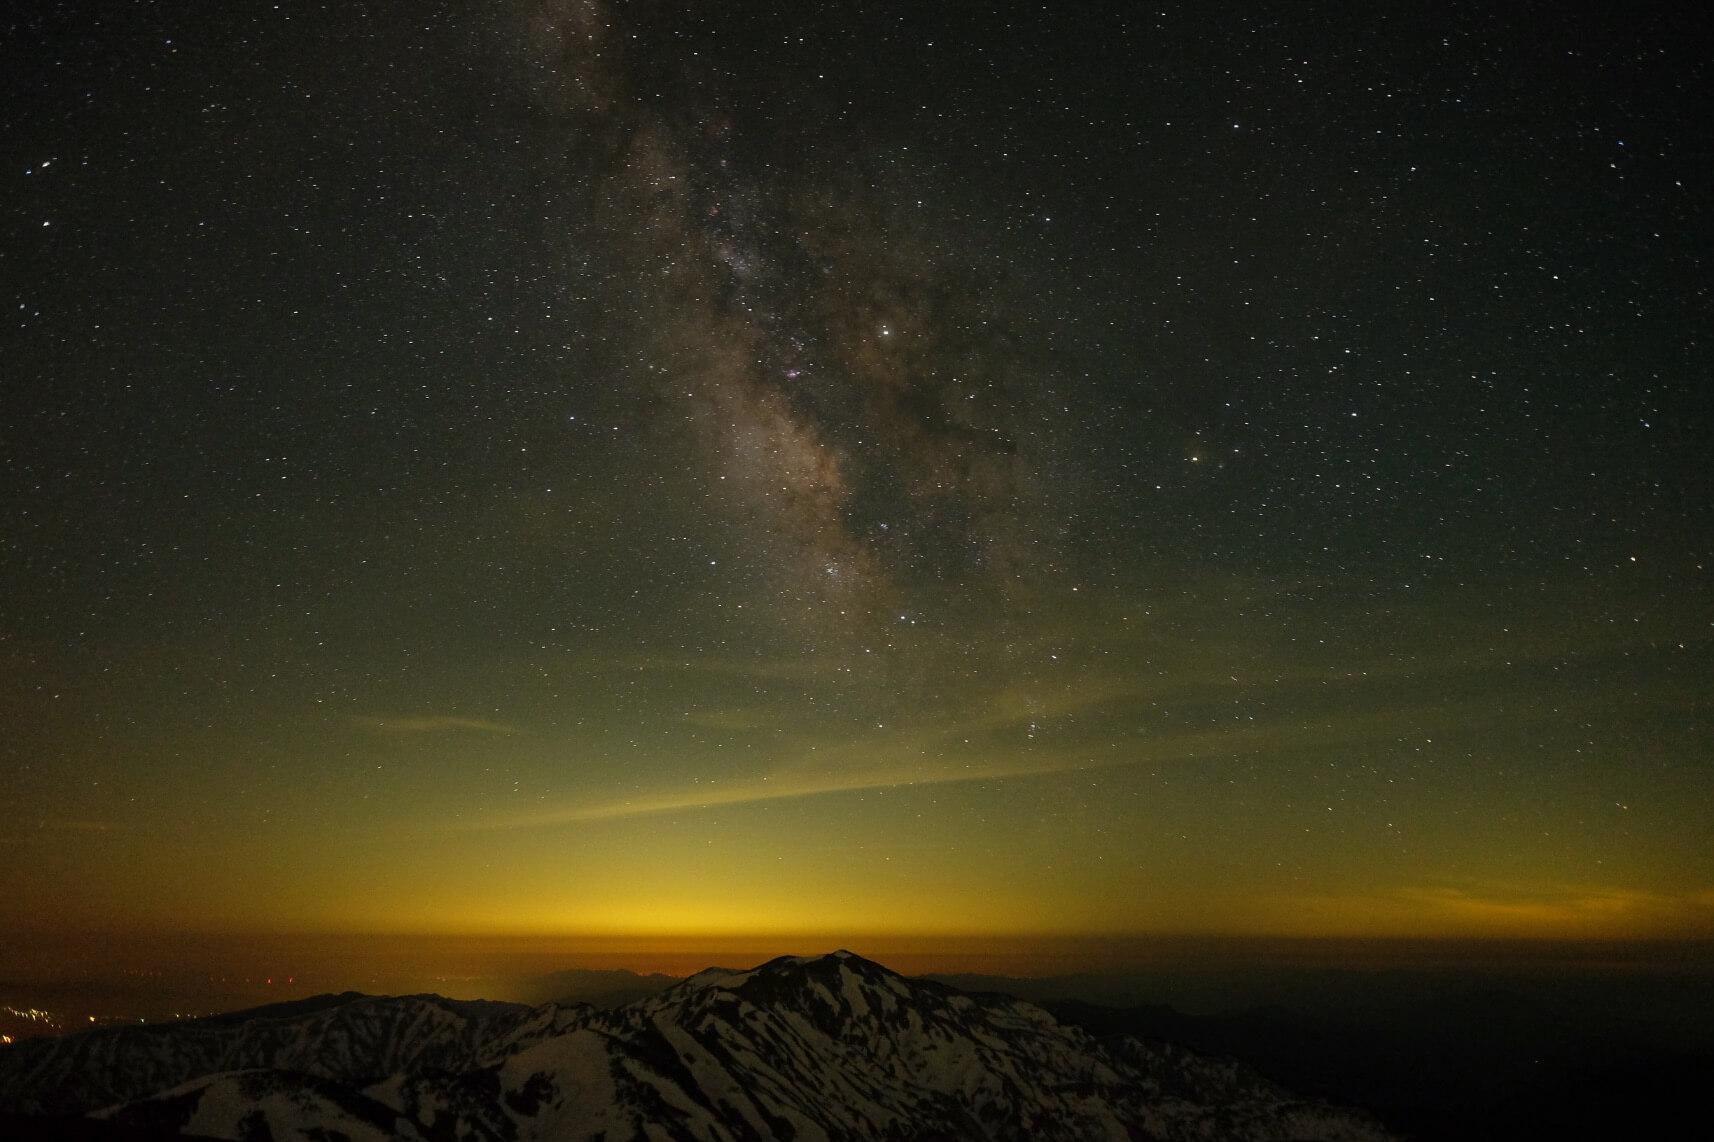 The Milky Way Over Mt. Bessan as seen from Mt. Haku (Hakusan), Ishikawa